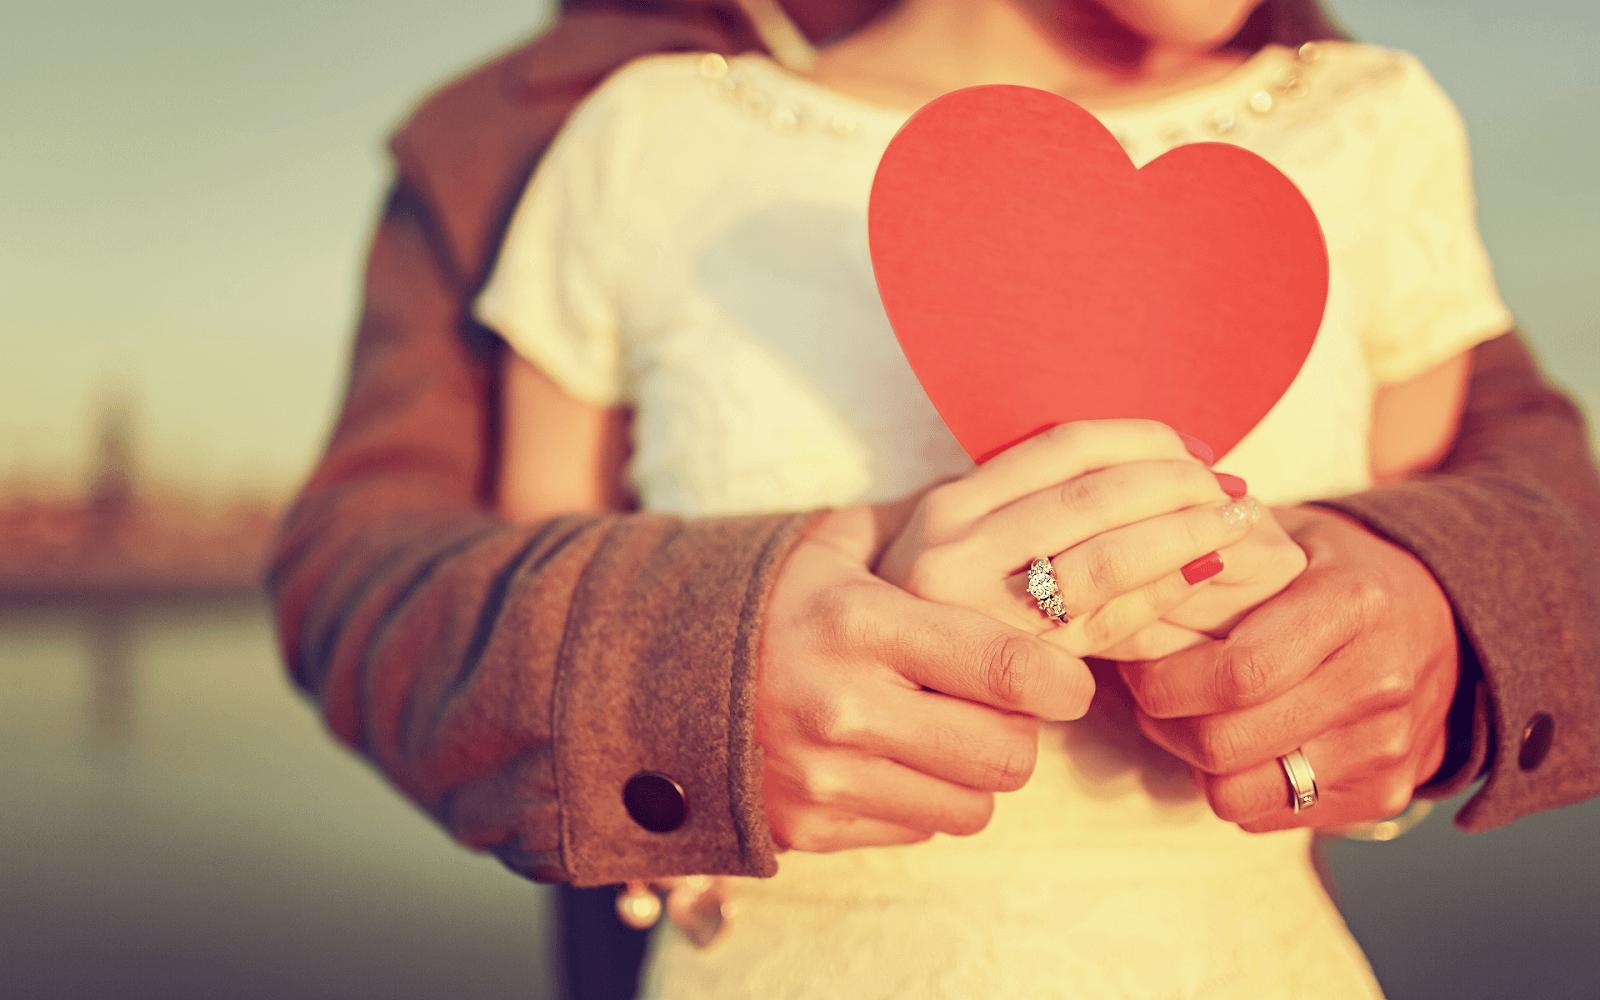 Dũng cảm bày tỏ tình cảm với người mình yêu biết đâu người ấy cũng đang chờ bạn thì sao!